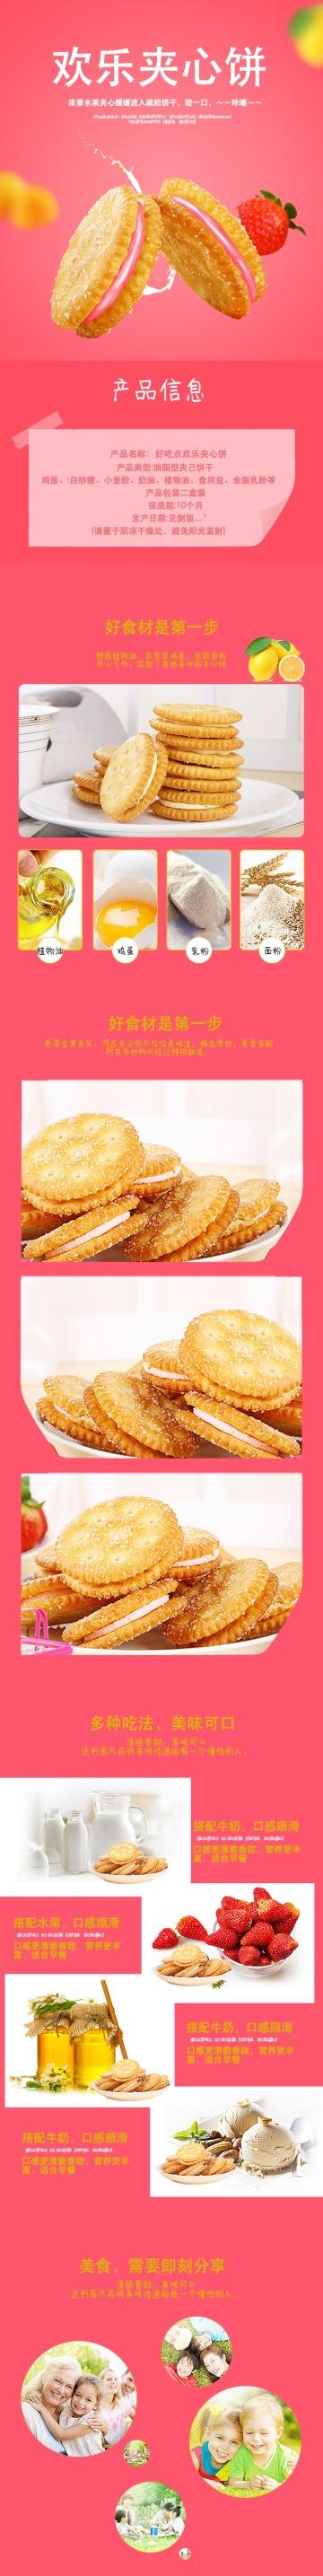 清新简约夹心饼干零食电商详情图